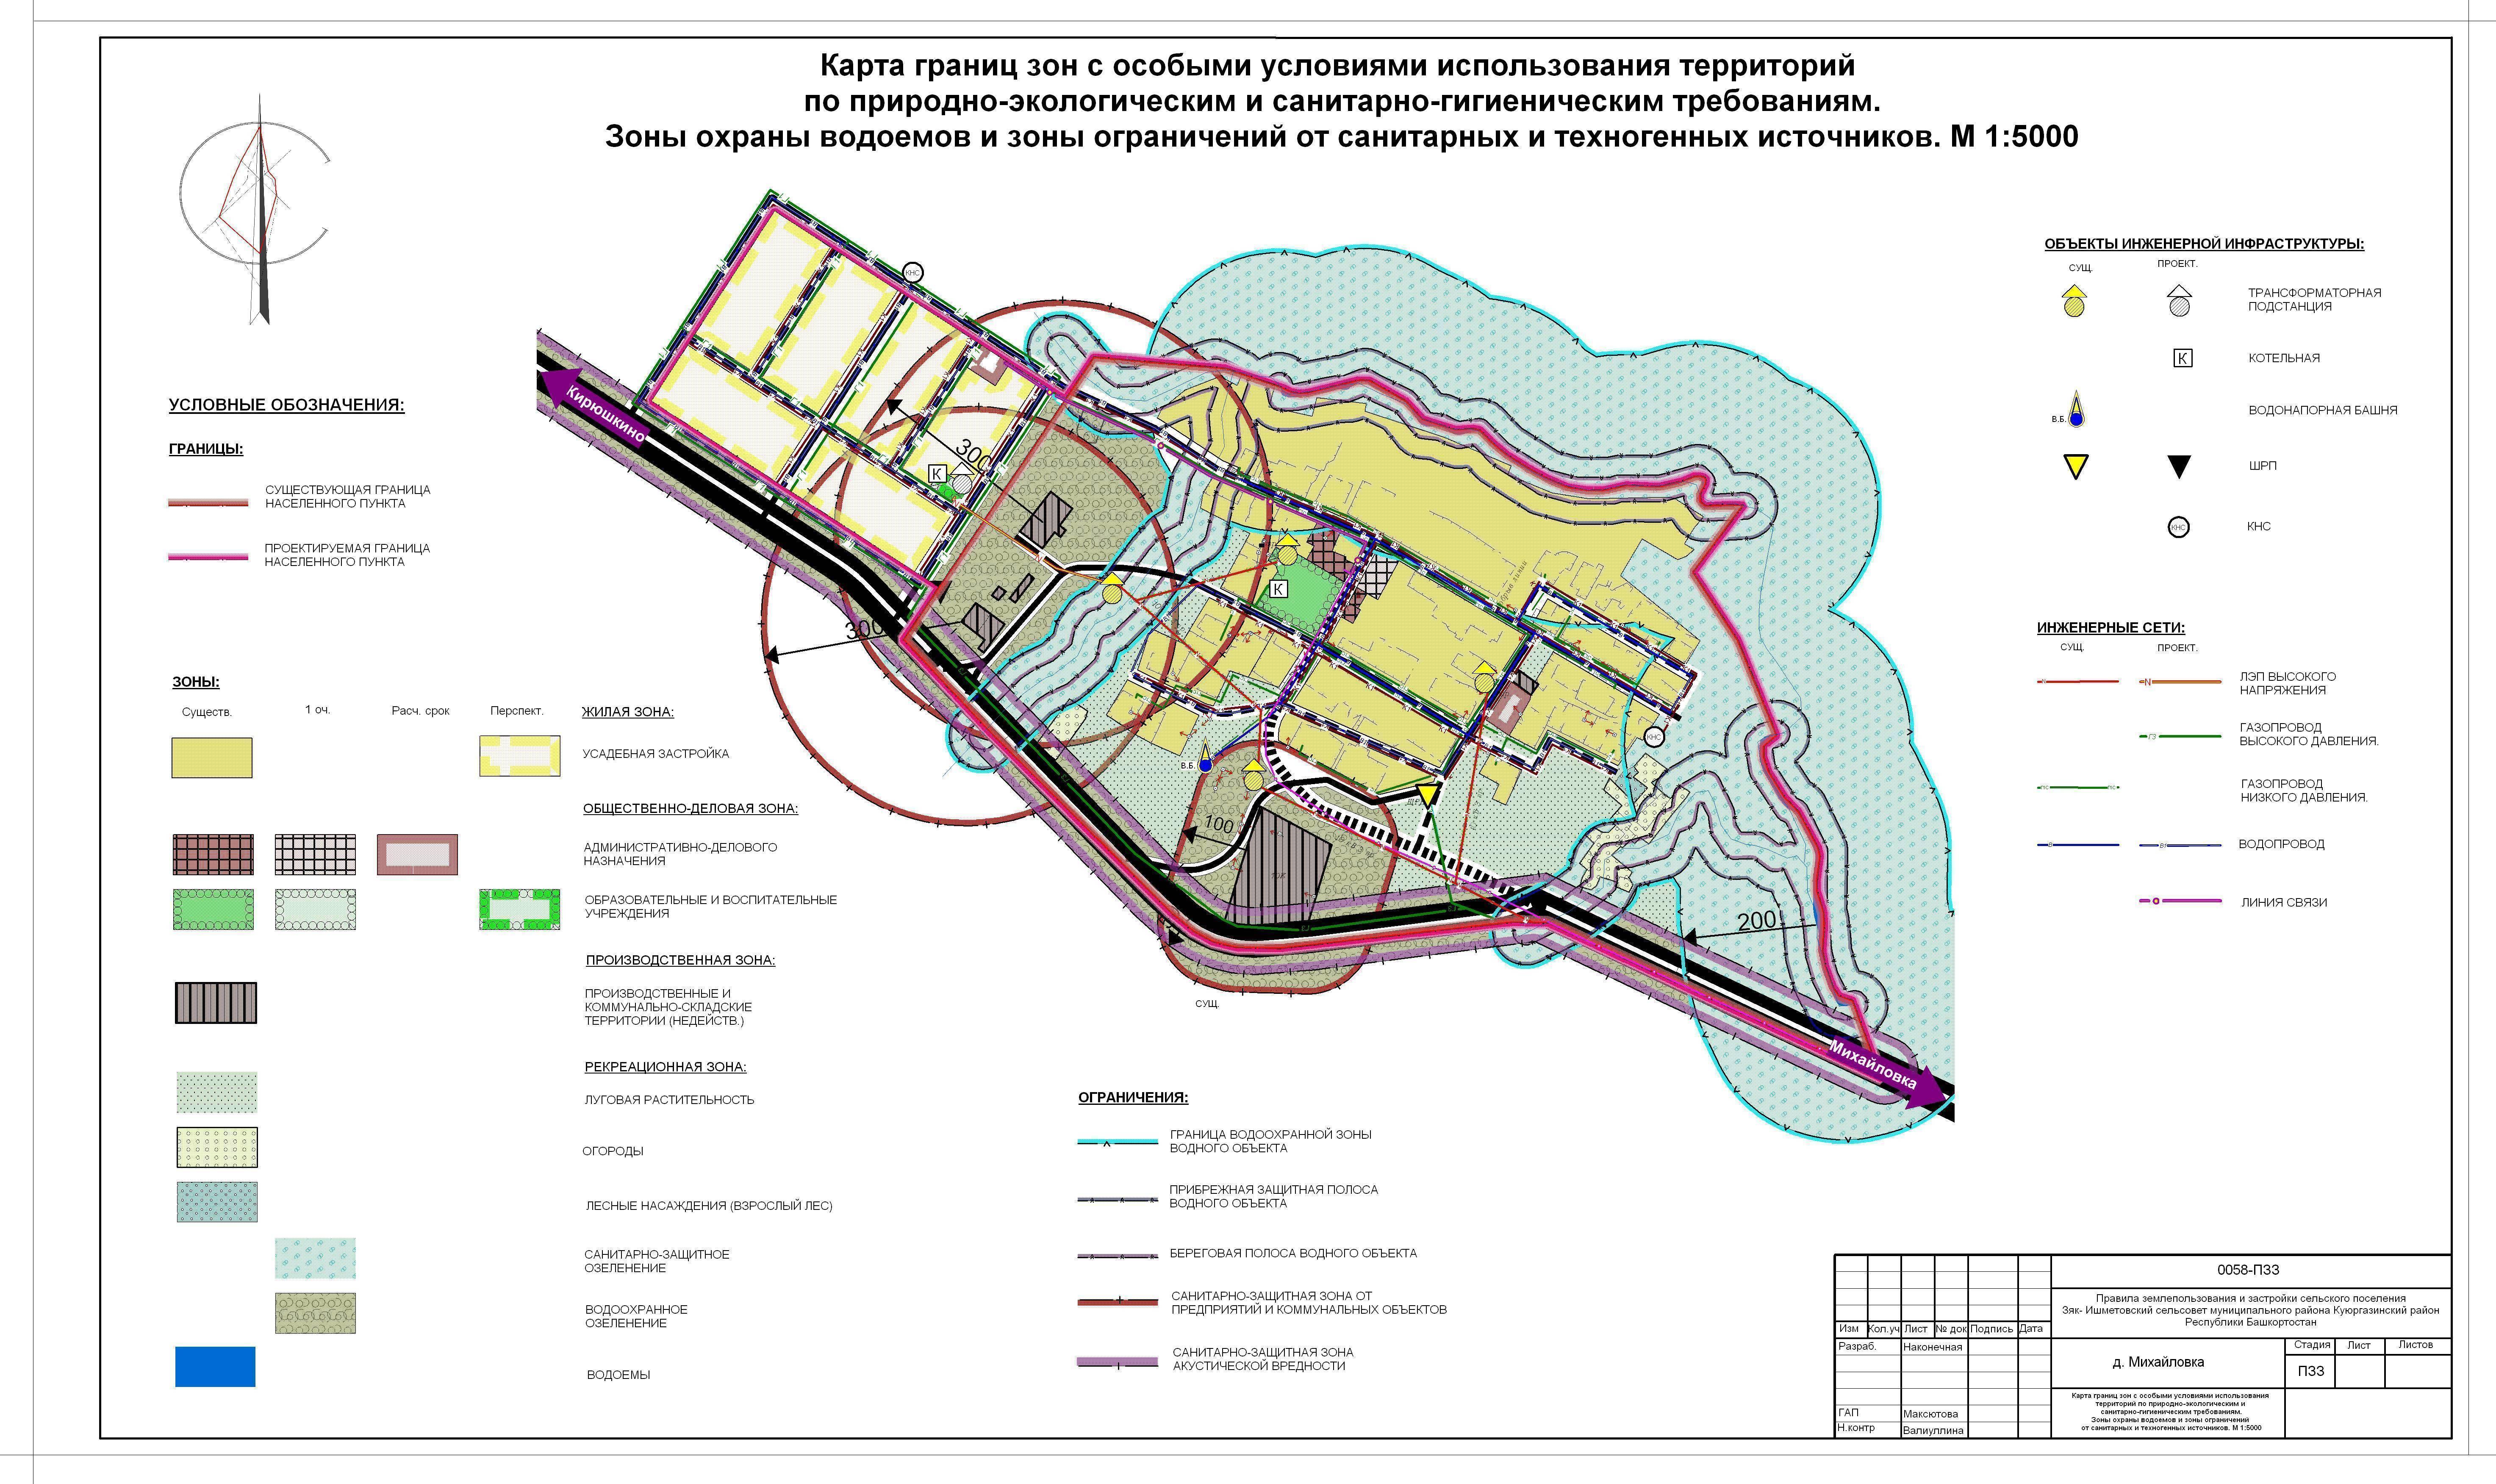 Охранная зона канализационных сетей по снип